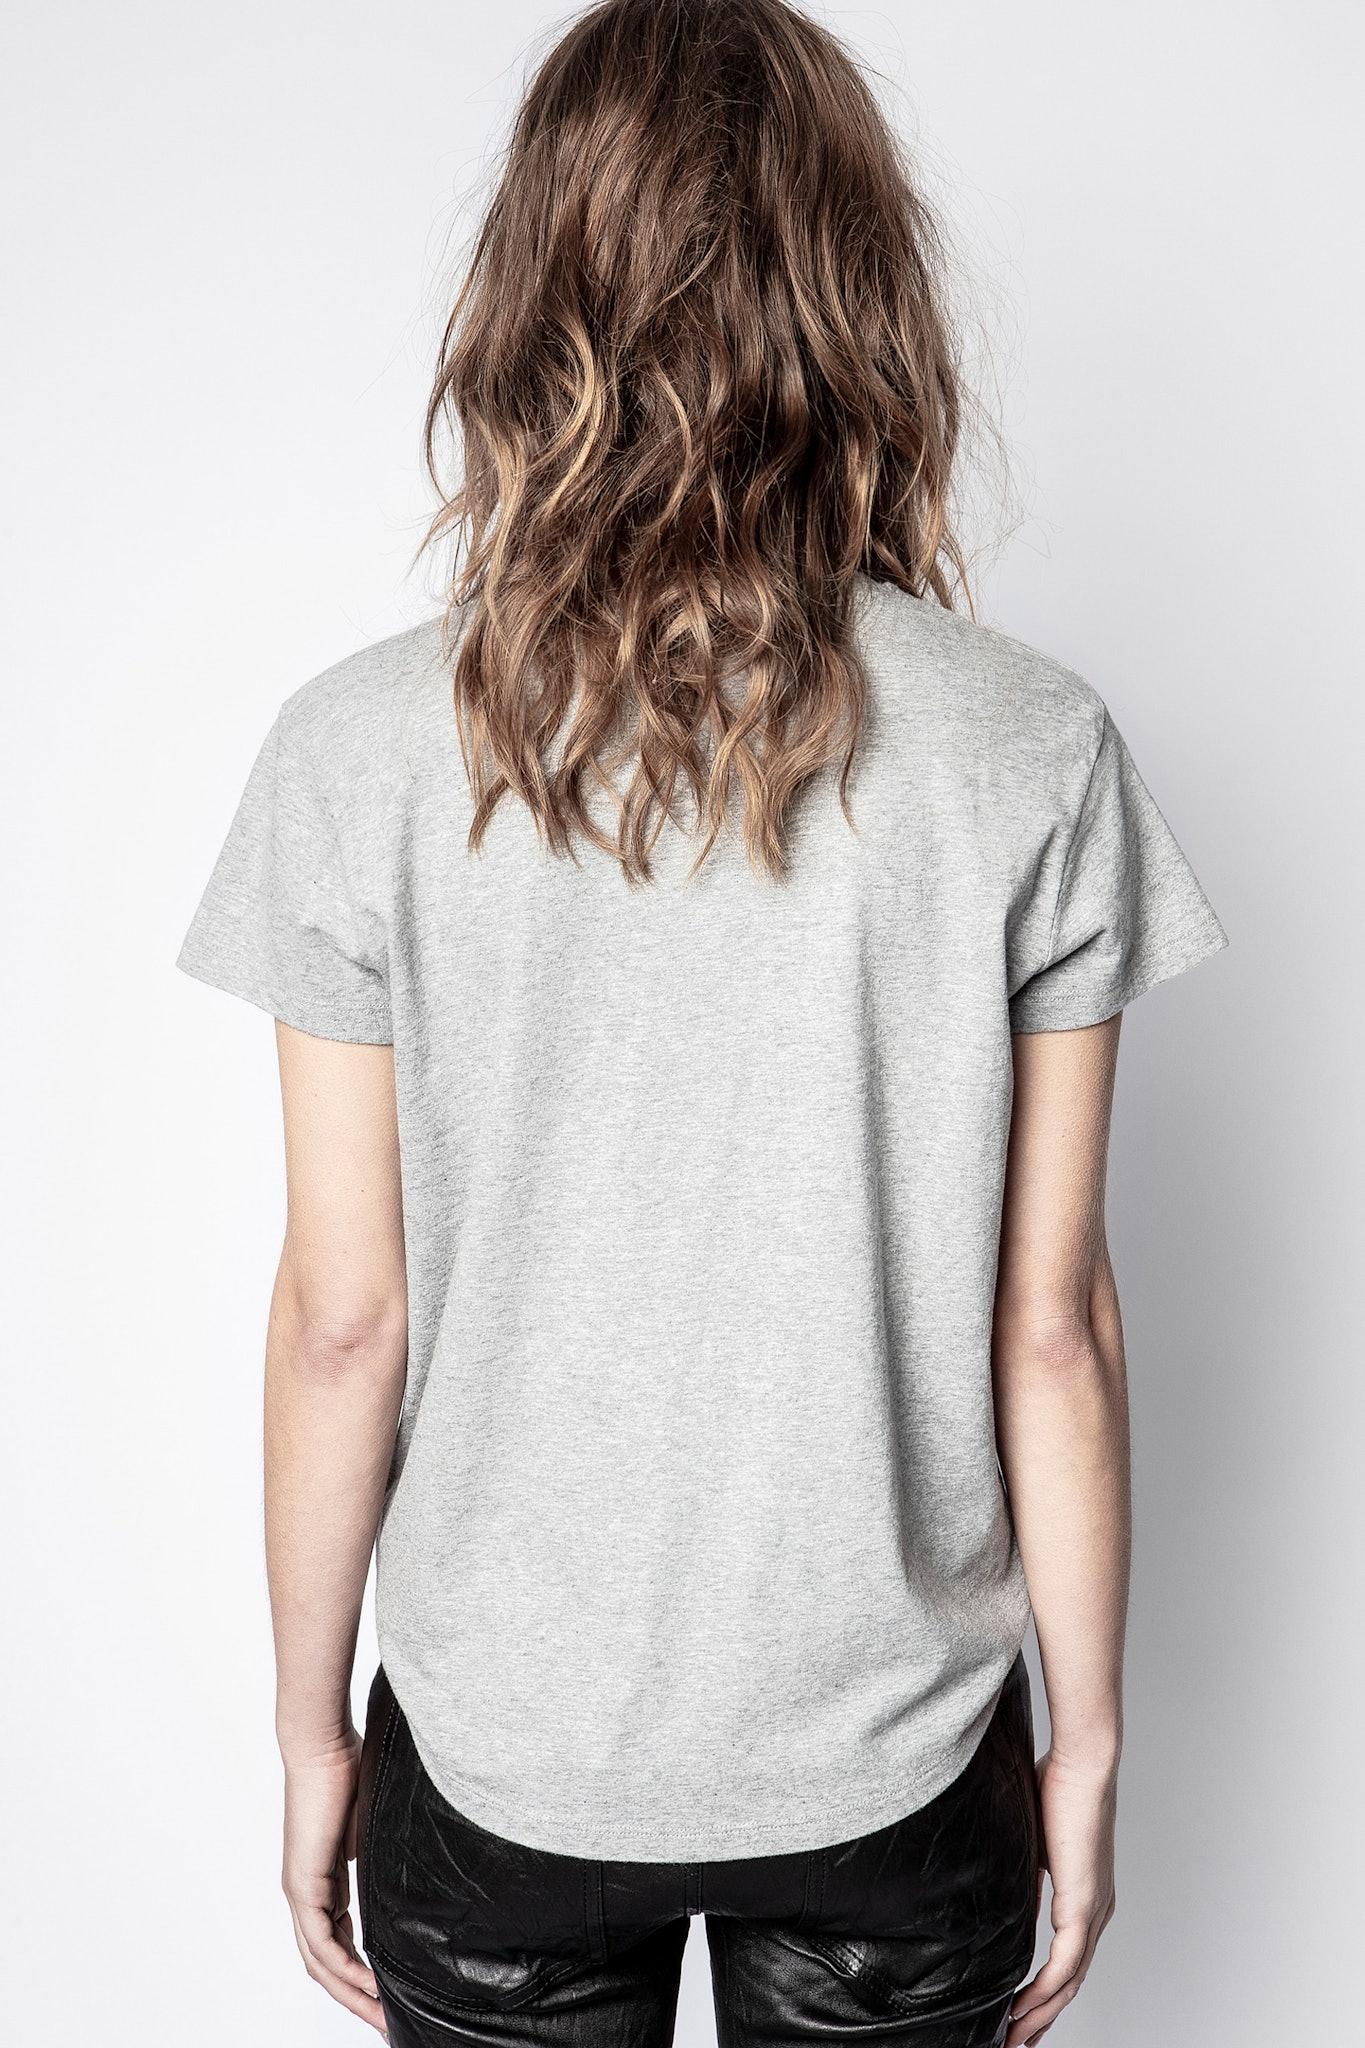 T-Shirt Zoe Small Heart Iconics